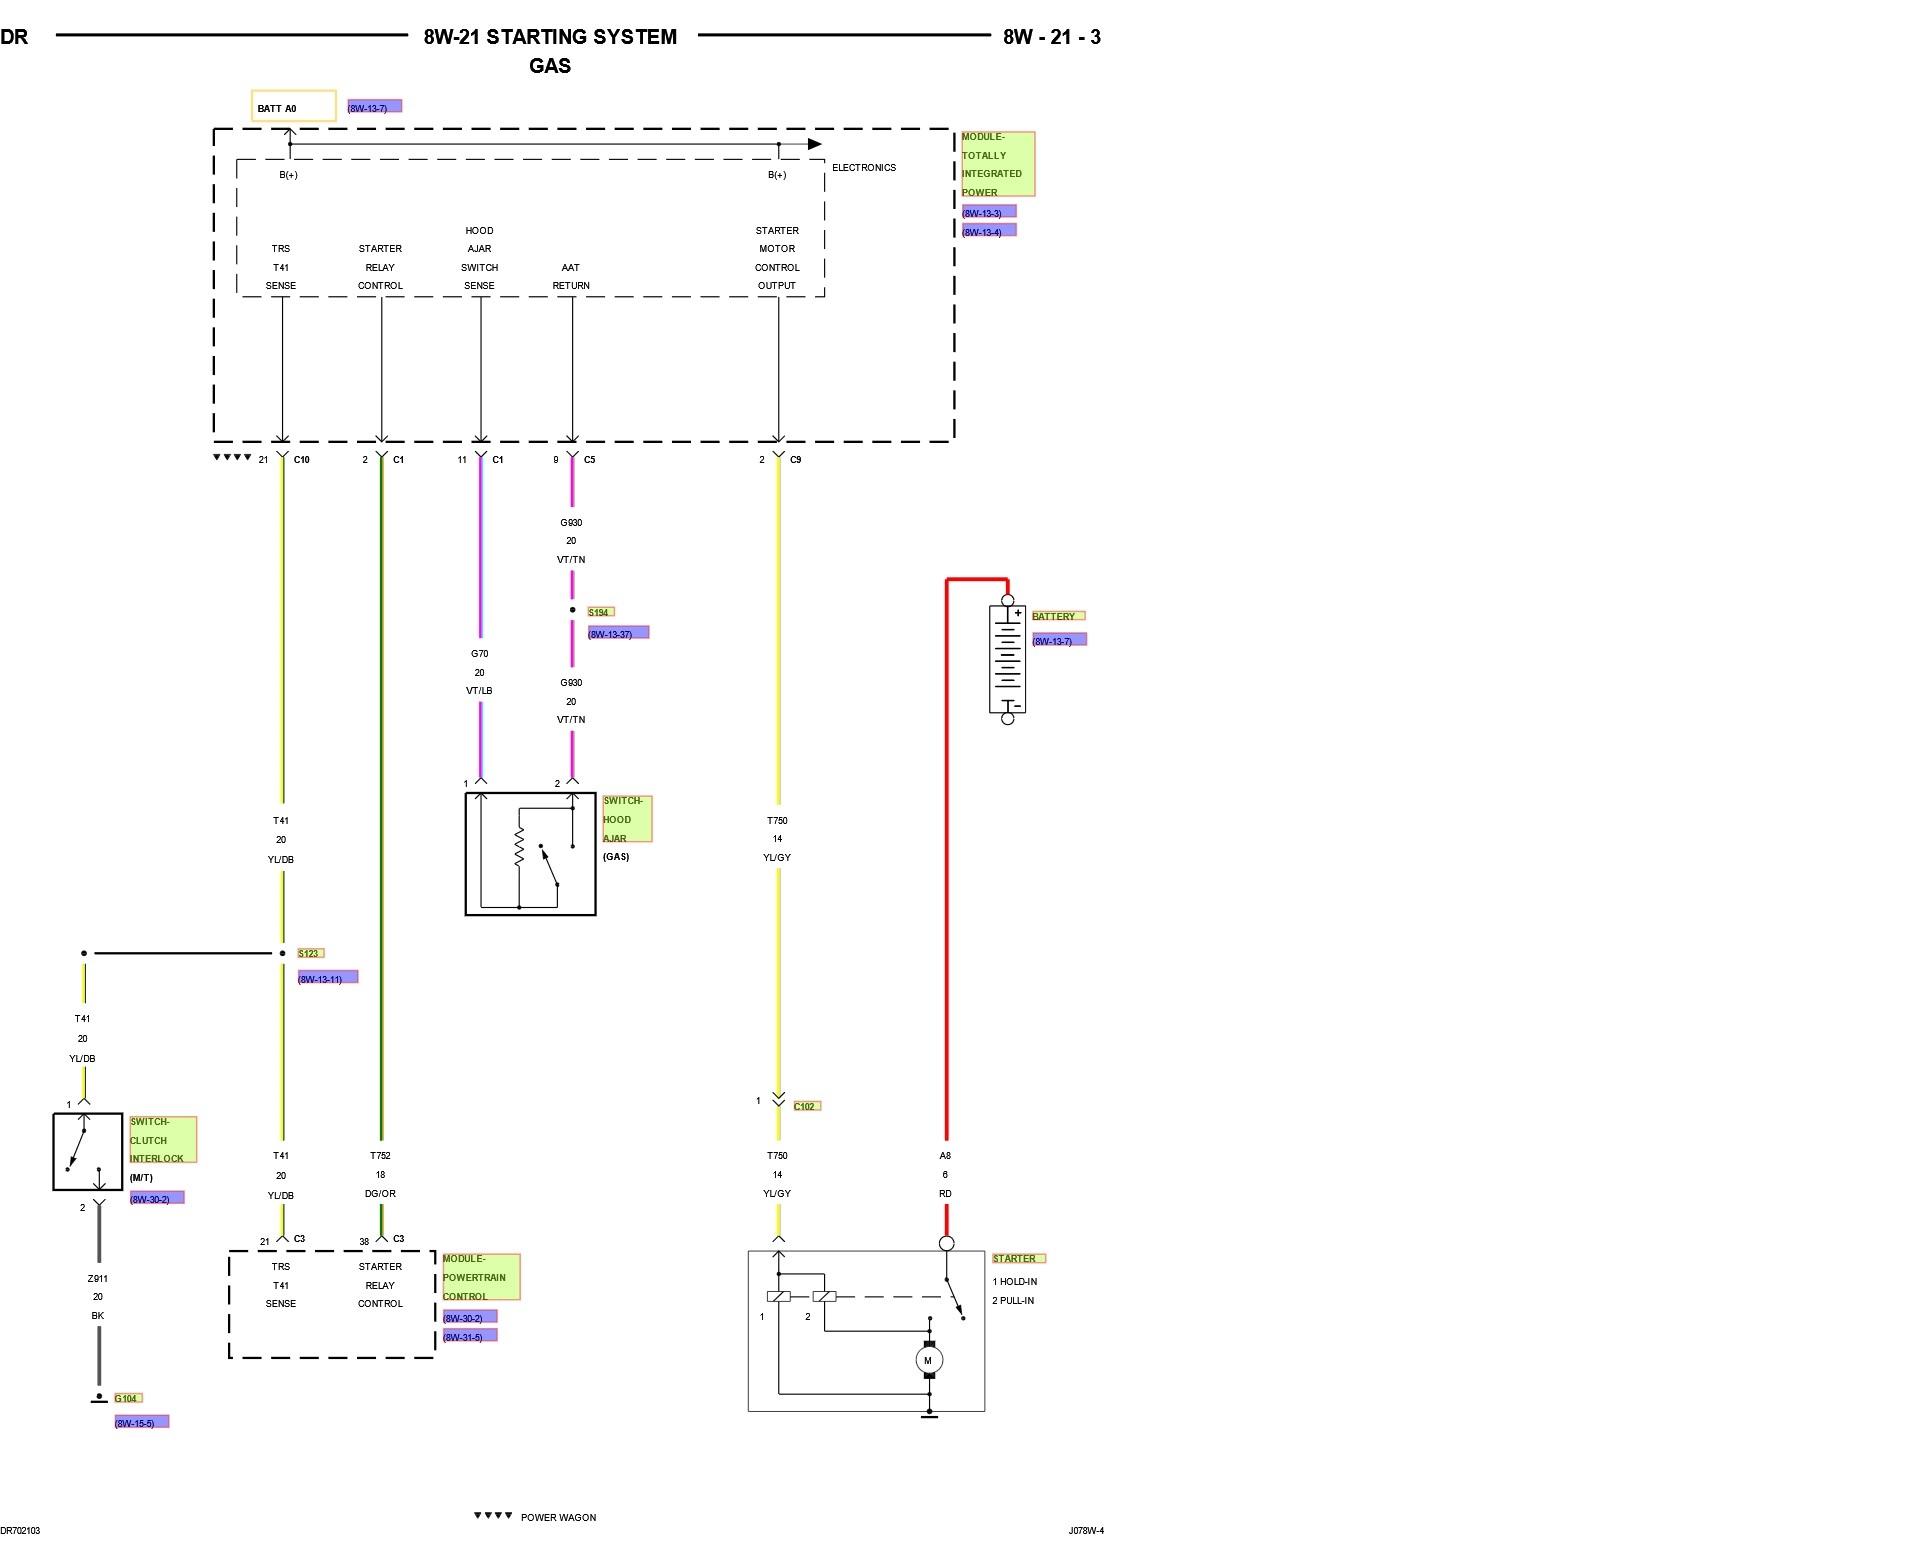 b05a4c48-c789-4ce0-b970-afb84c83b165_2007 DR starter circuit.jpg